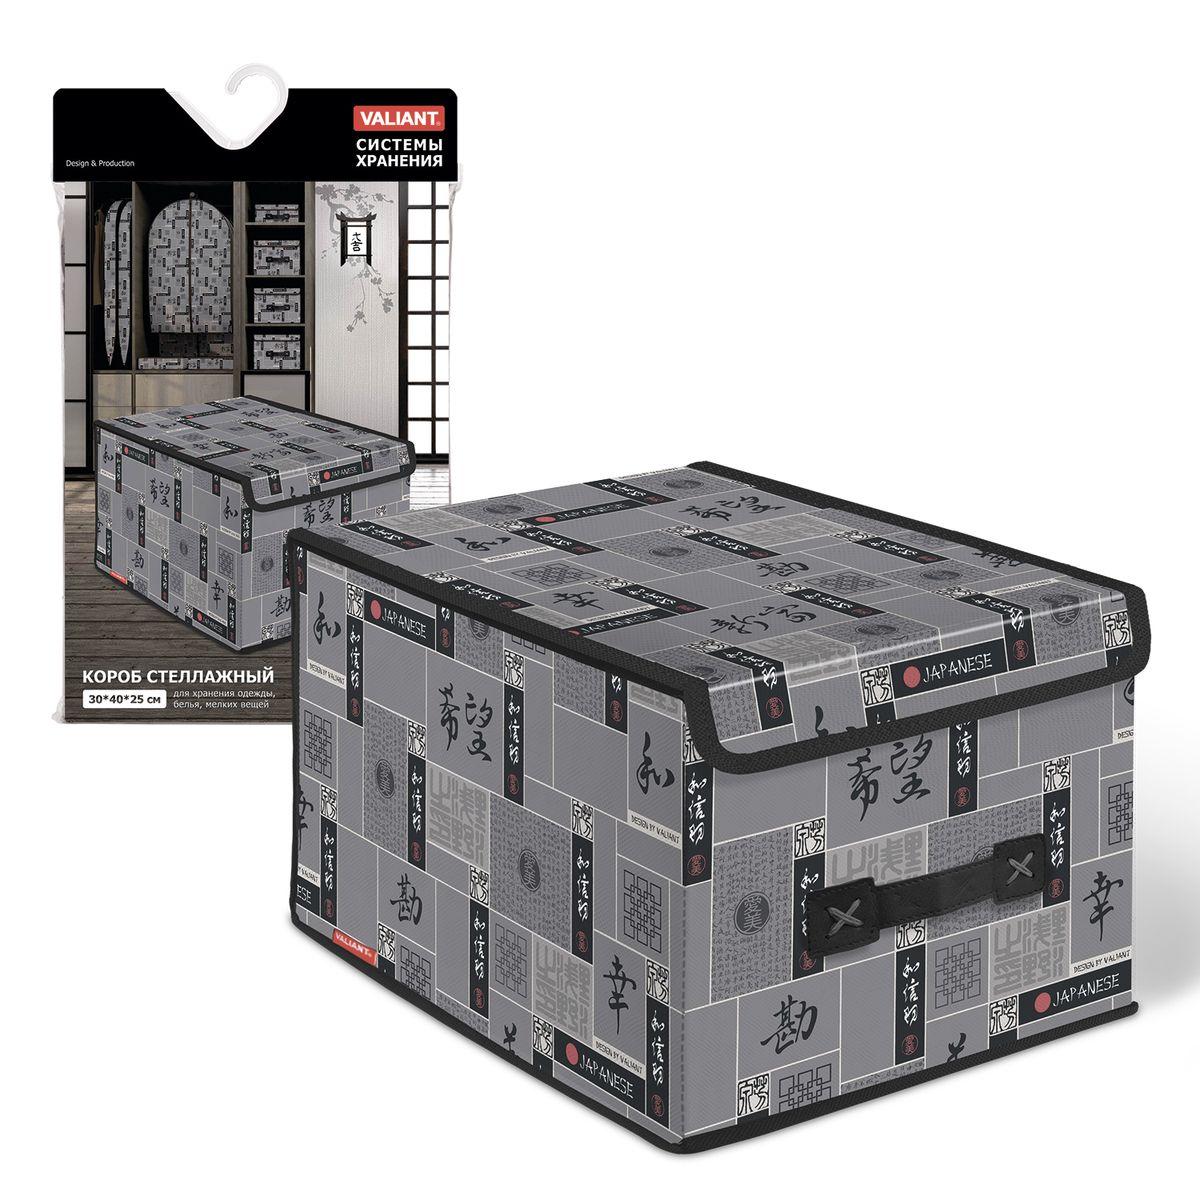 Короб стеллажный Valiant Japanese Black, с крышкой, 30 х 40 х 25 смJB-BOX-LM